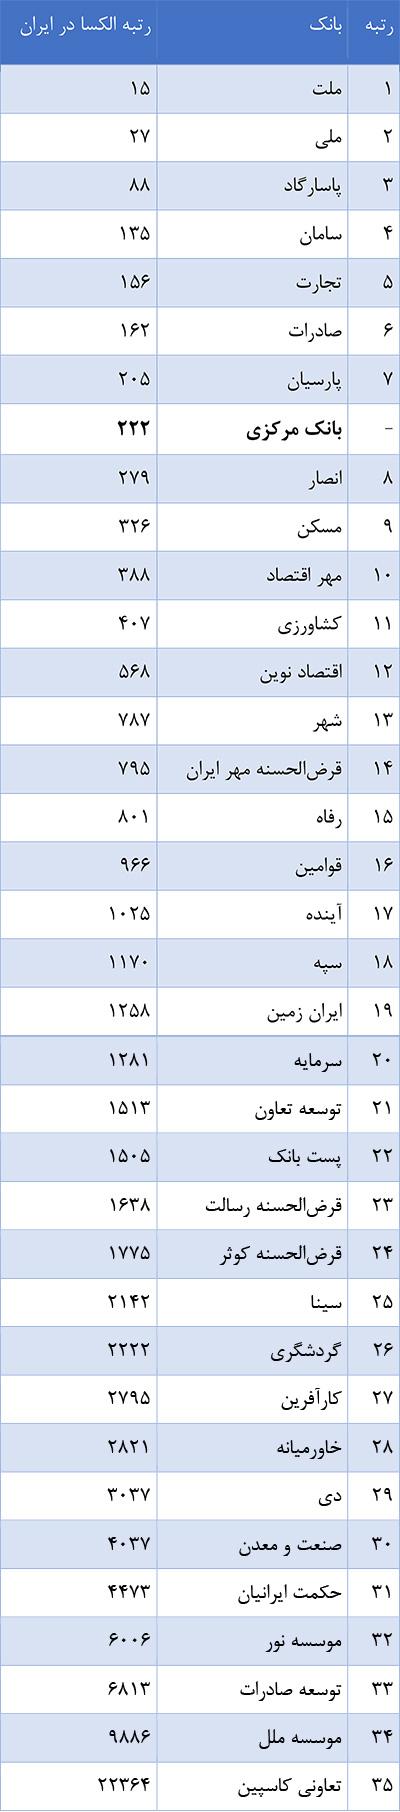 جدول ۱: رتبه الکسای بانکهای ایران